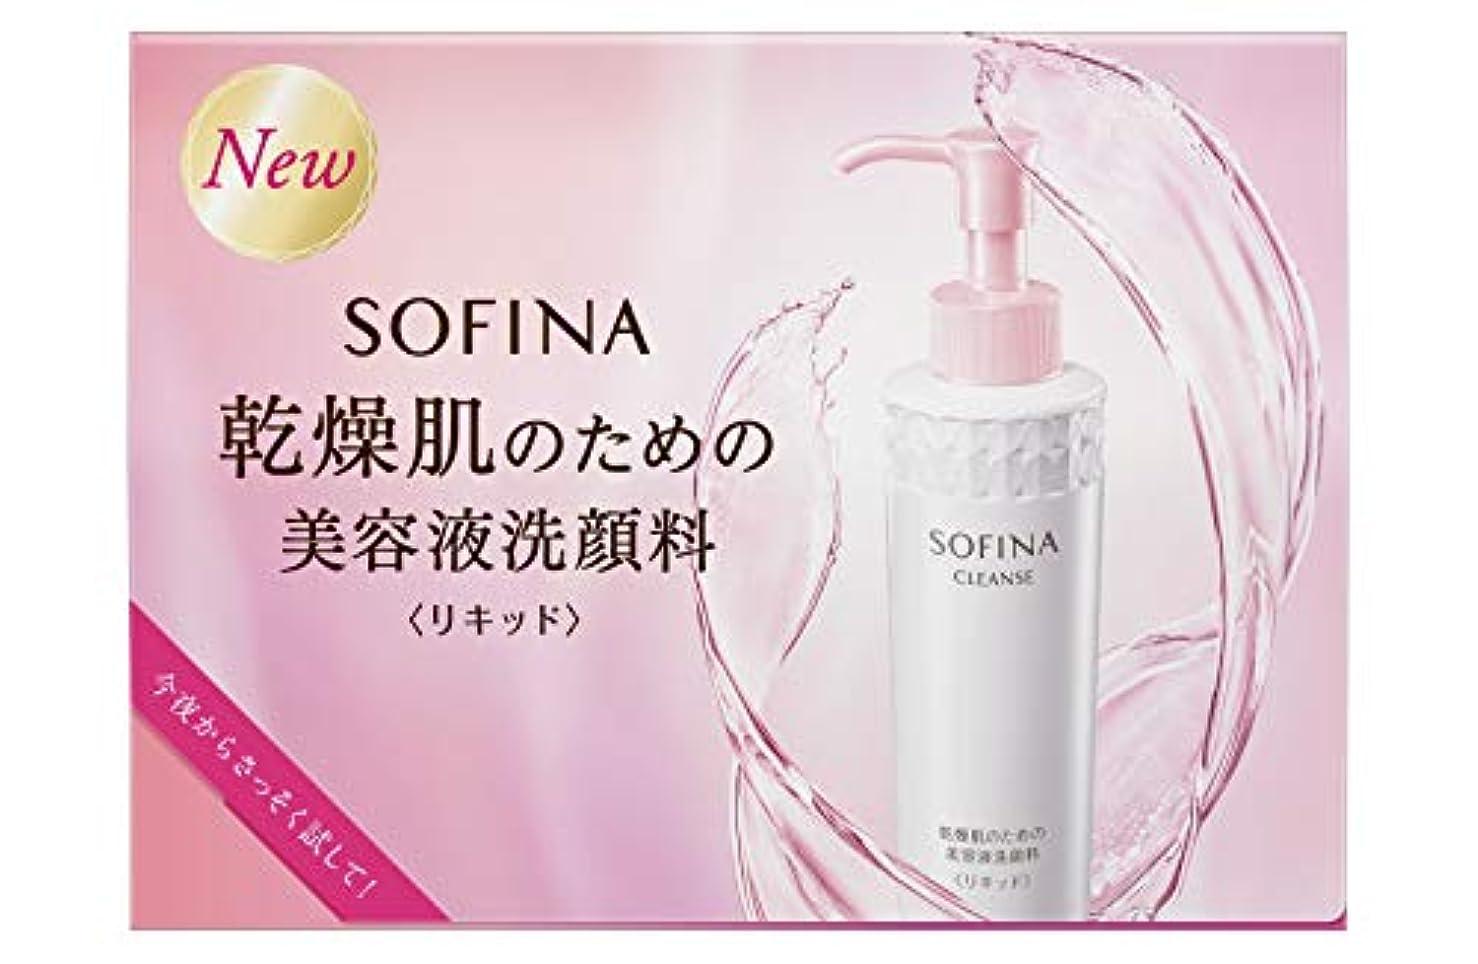 非効率的な不潔切るソフィーナ 乾燥肌のための美容液洗顔料(リキッド) お試しピロー 2ml×2 【実質無料サンプルストア対象】